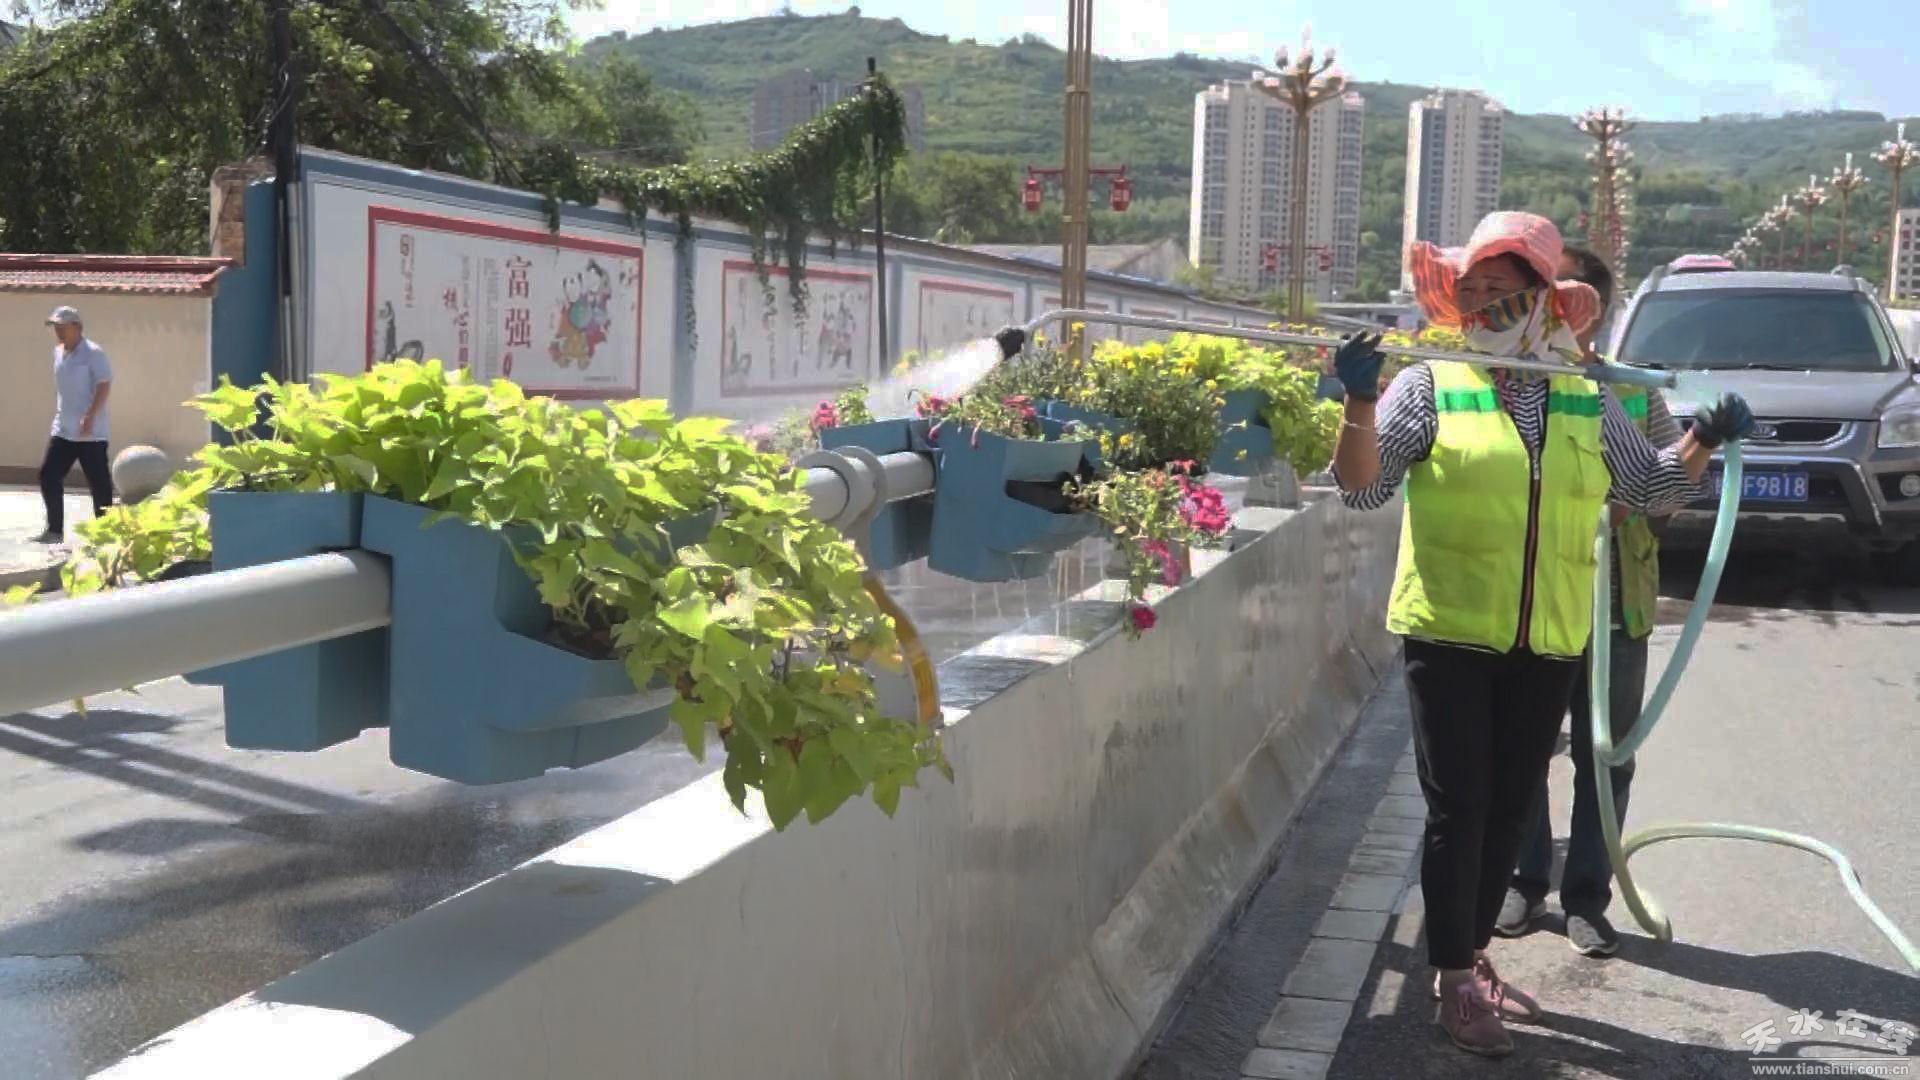 秦州区园林部门开展绿化高温养护工作(图)